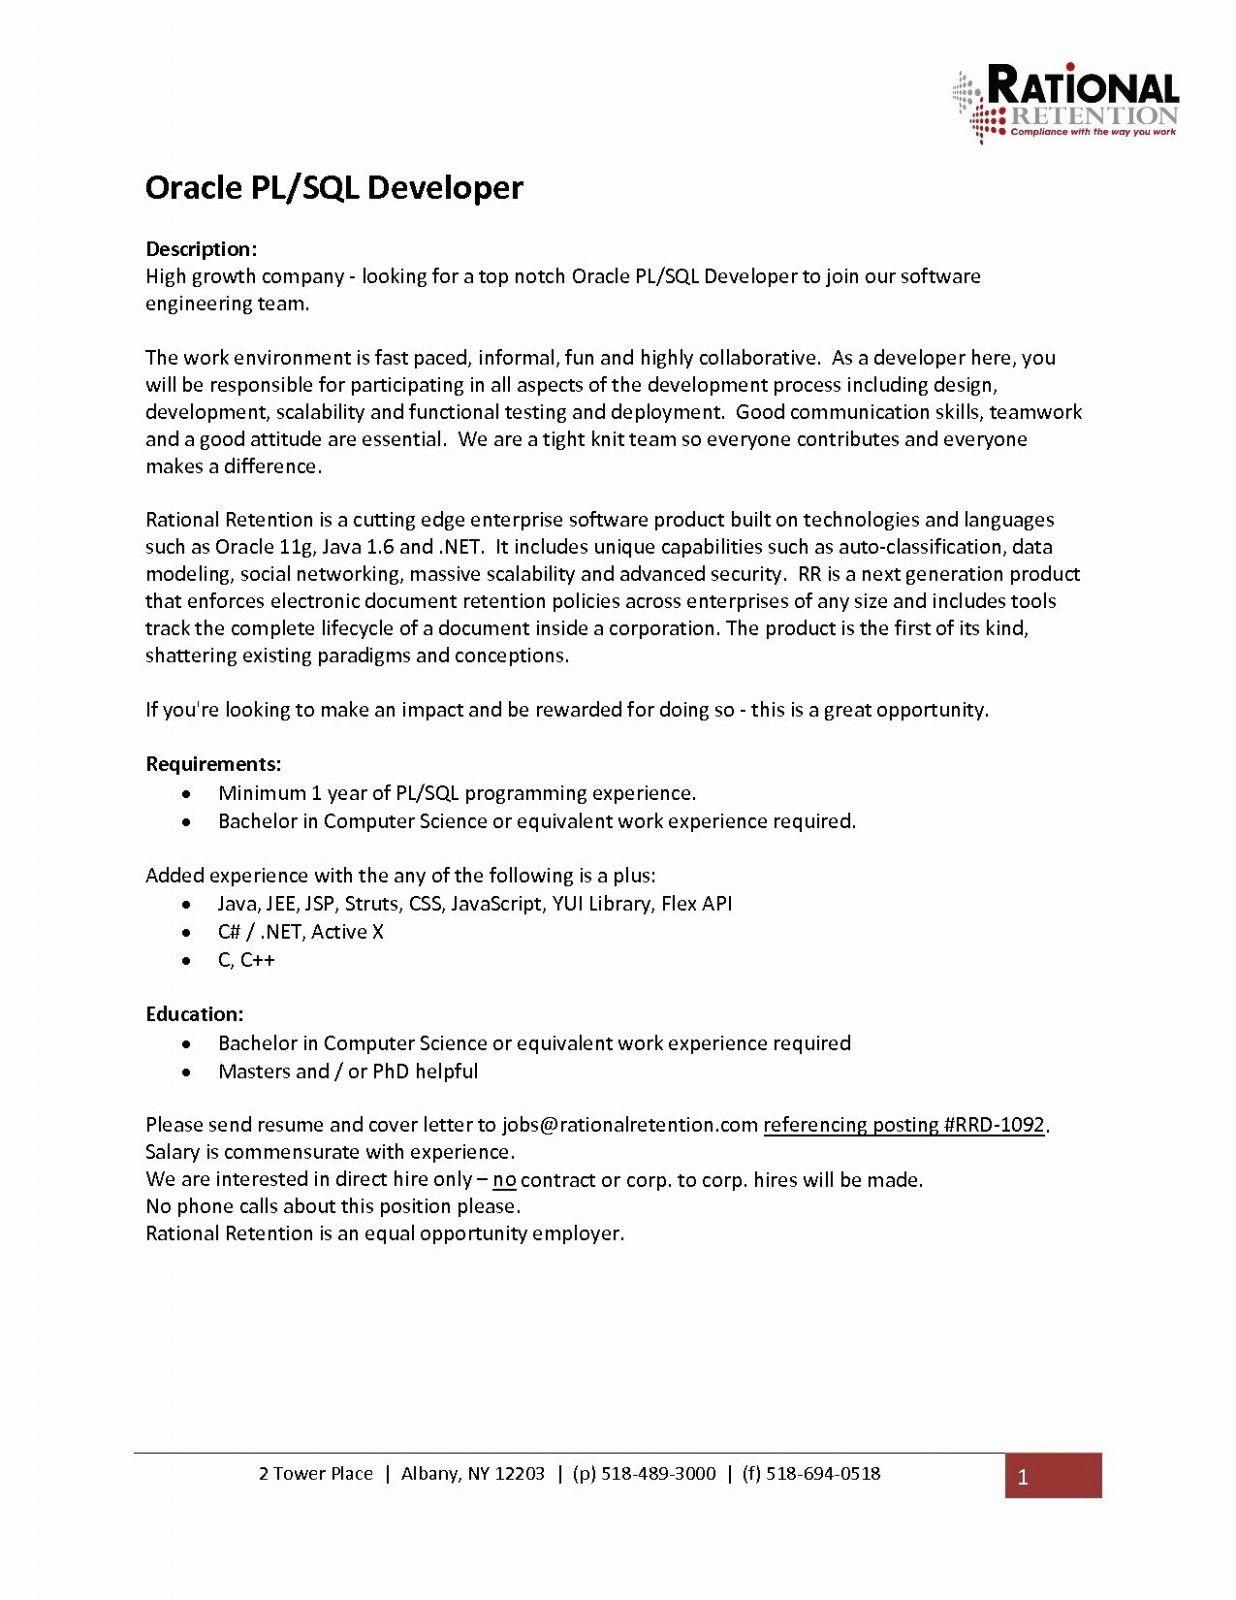 15 Junior Software Engineer Resume In 2020 Resume Examples Resume Writing Examples Resume Objective Statement